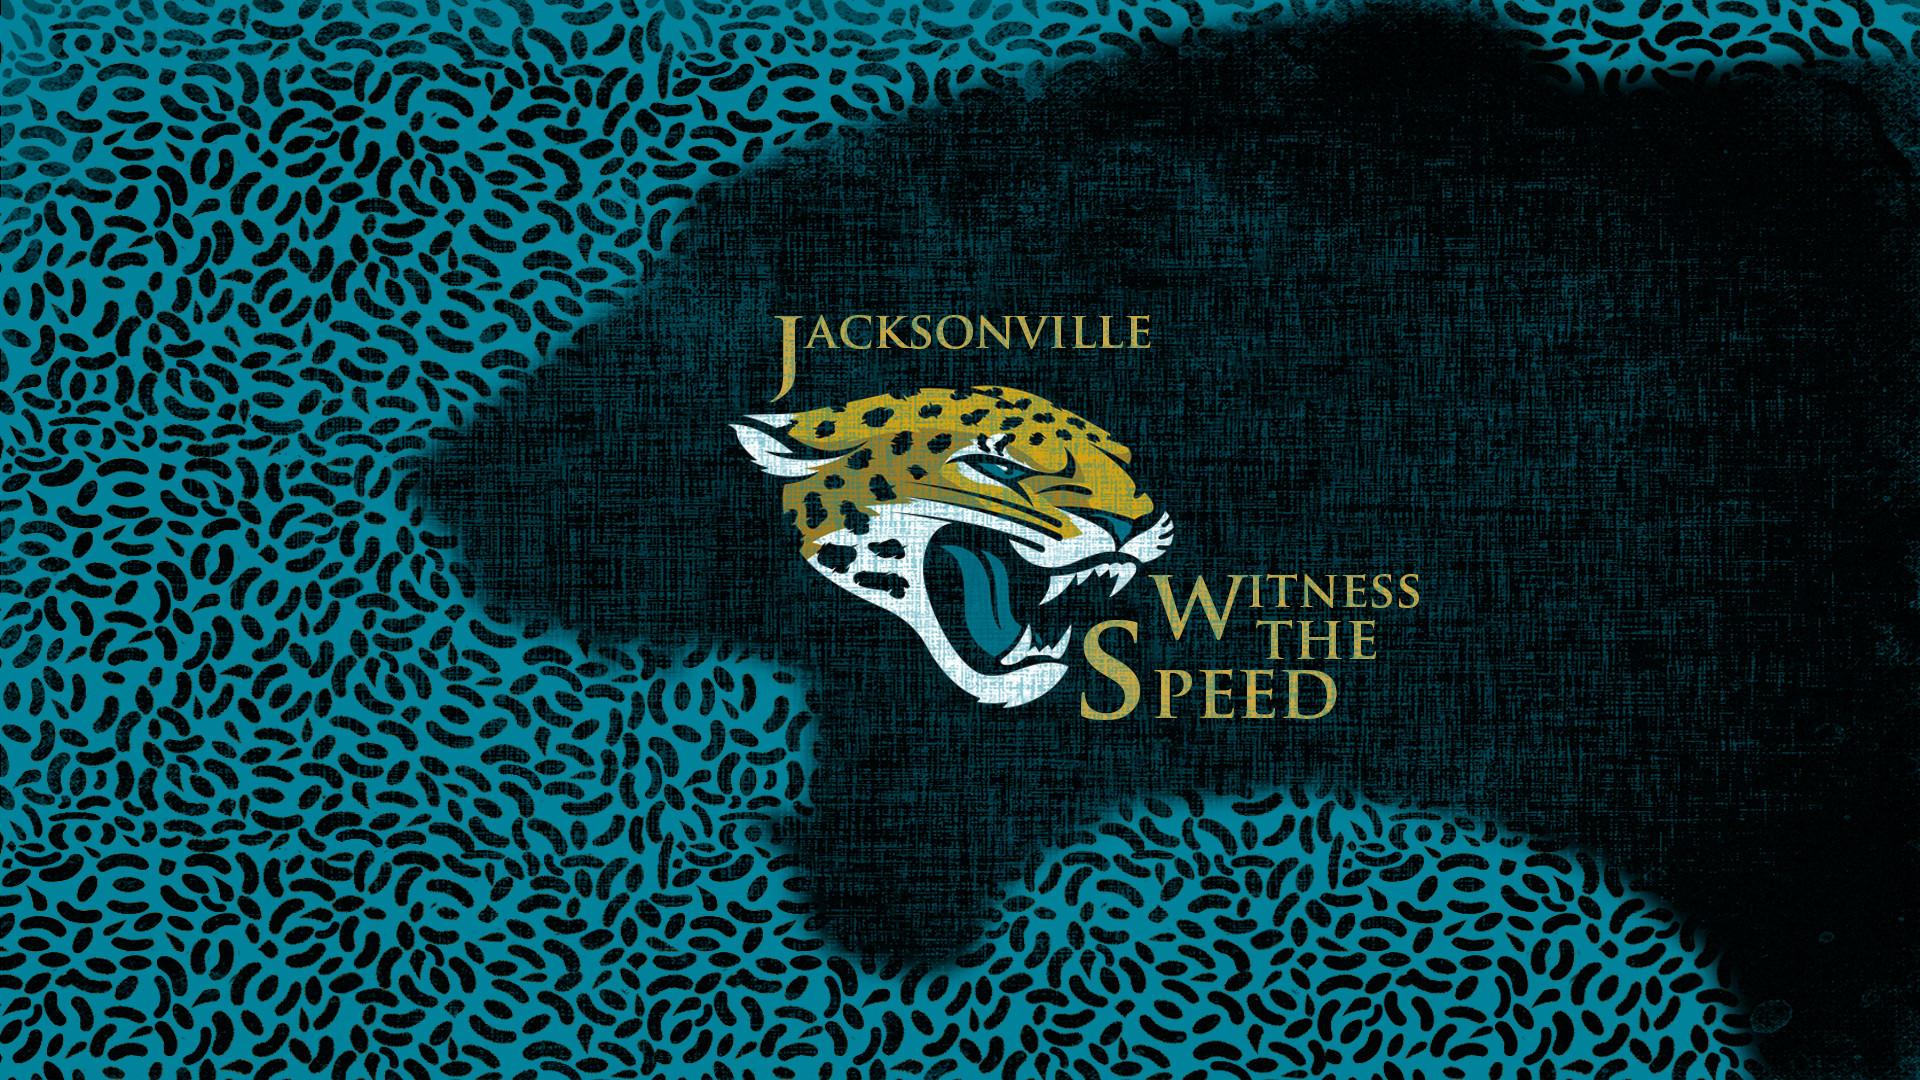 Jacksonville Jaguars 1920x1080